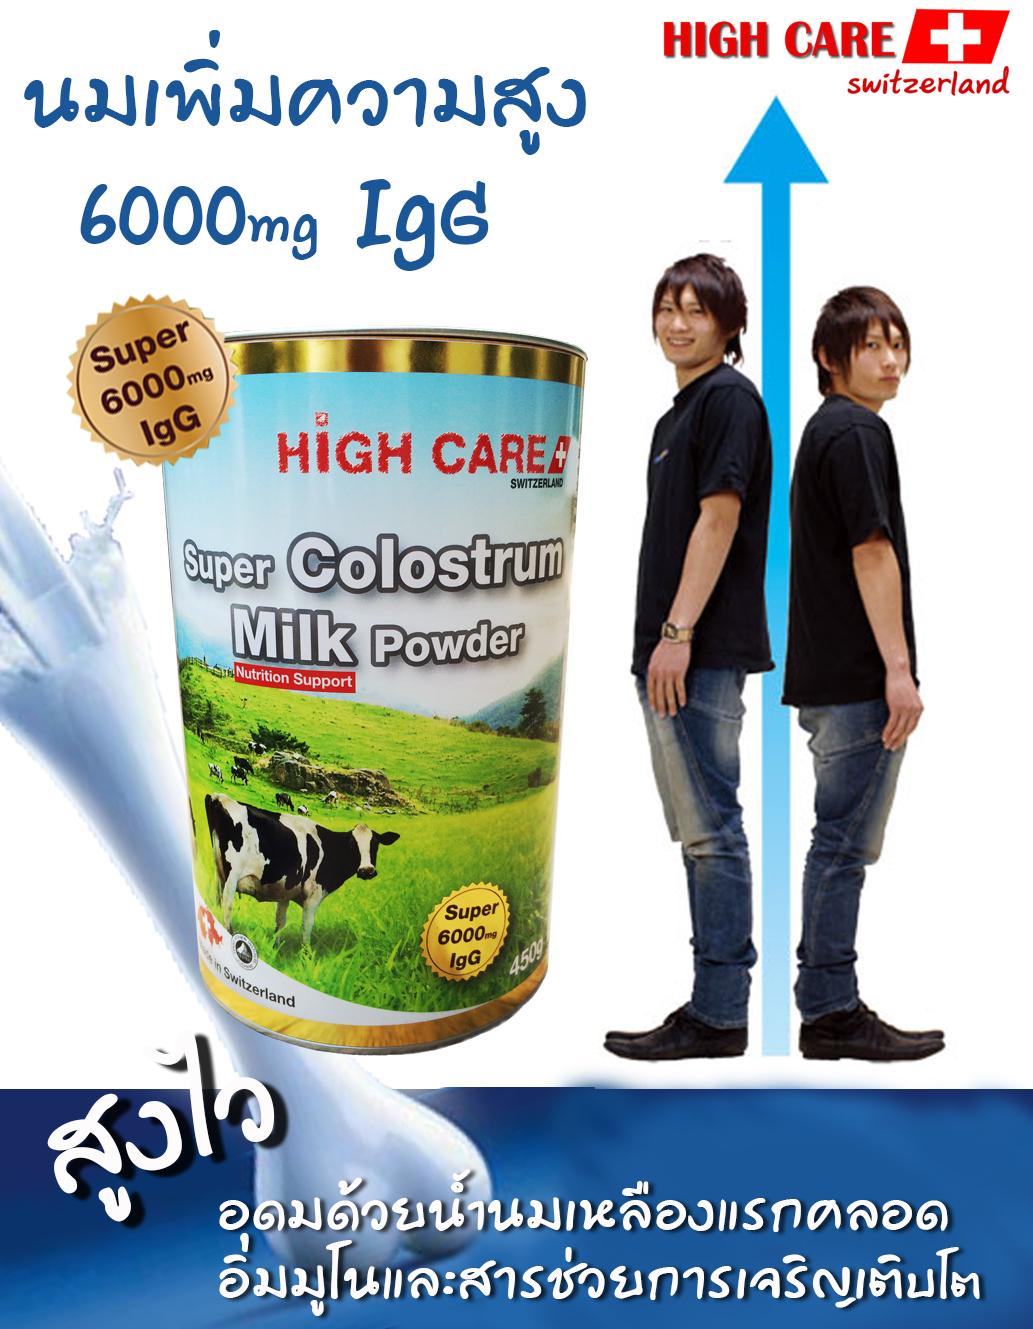 High care Colostrum Milk Powder 6000 IgG ขนาด 450 กรัม เสริมภูมิต้านทาน เพิ่มความสูง Made in Switzerland